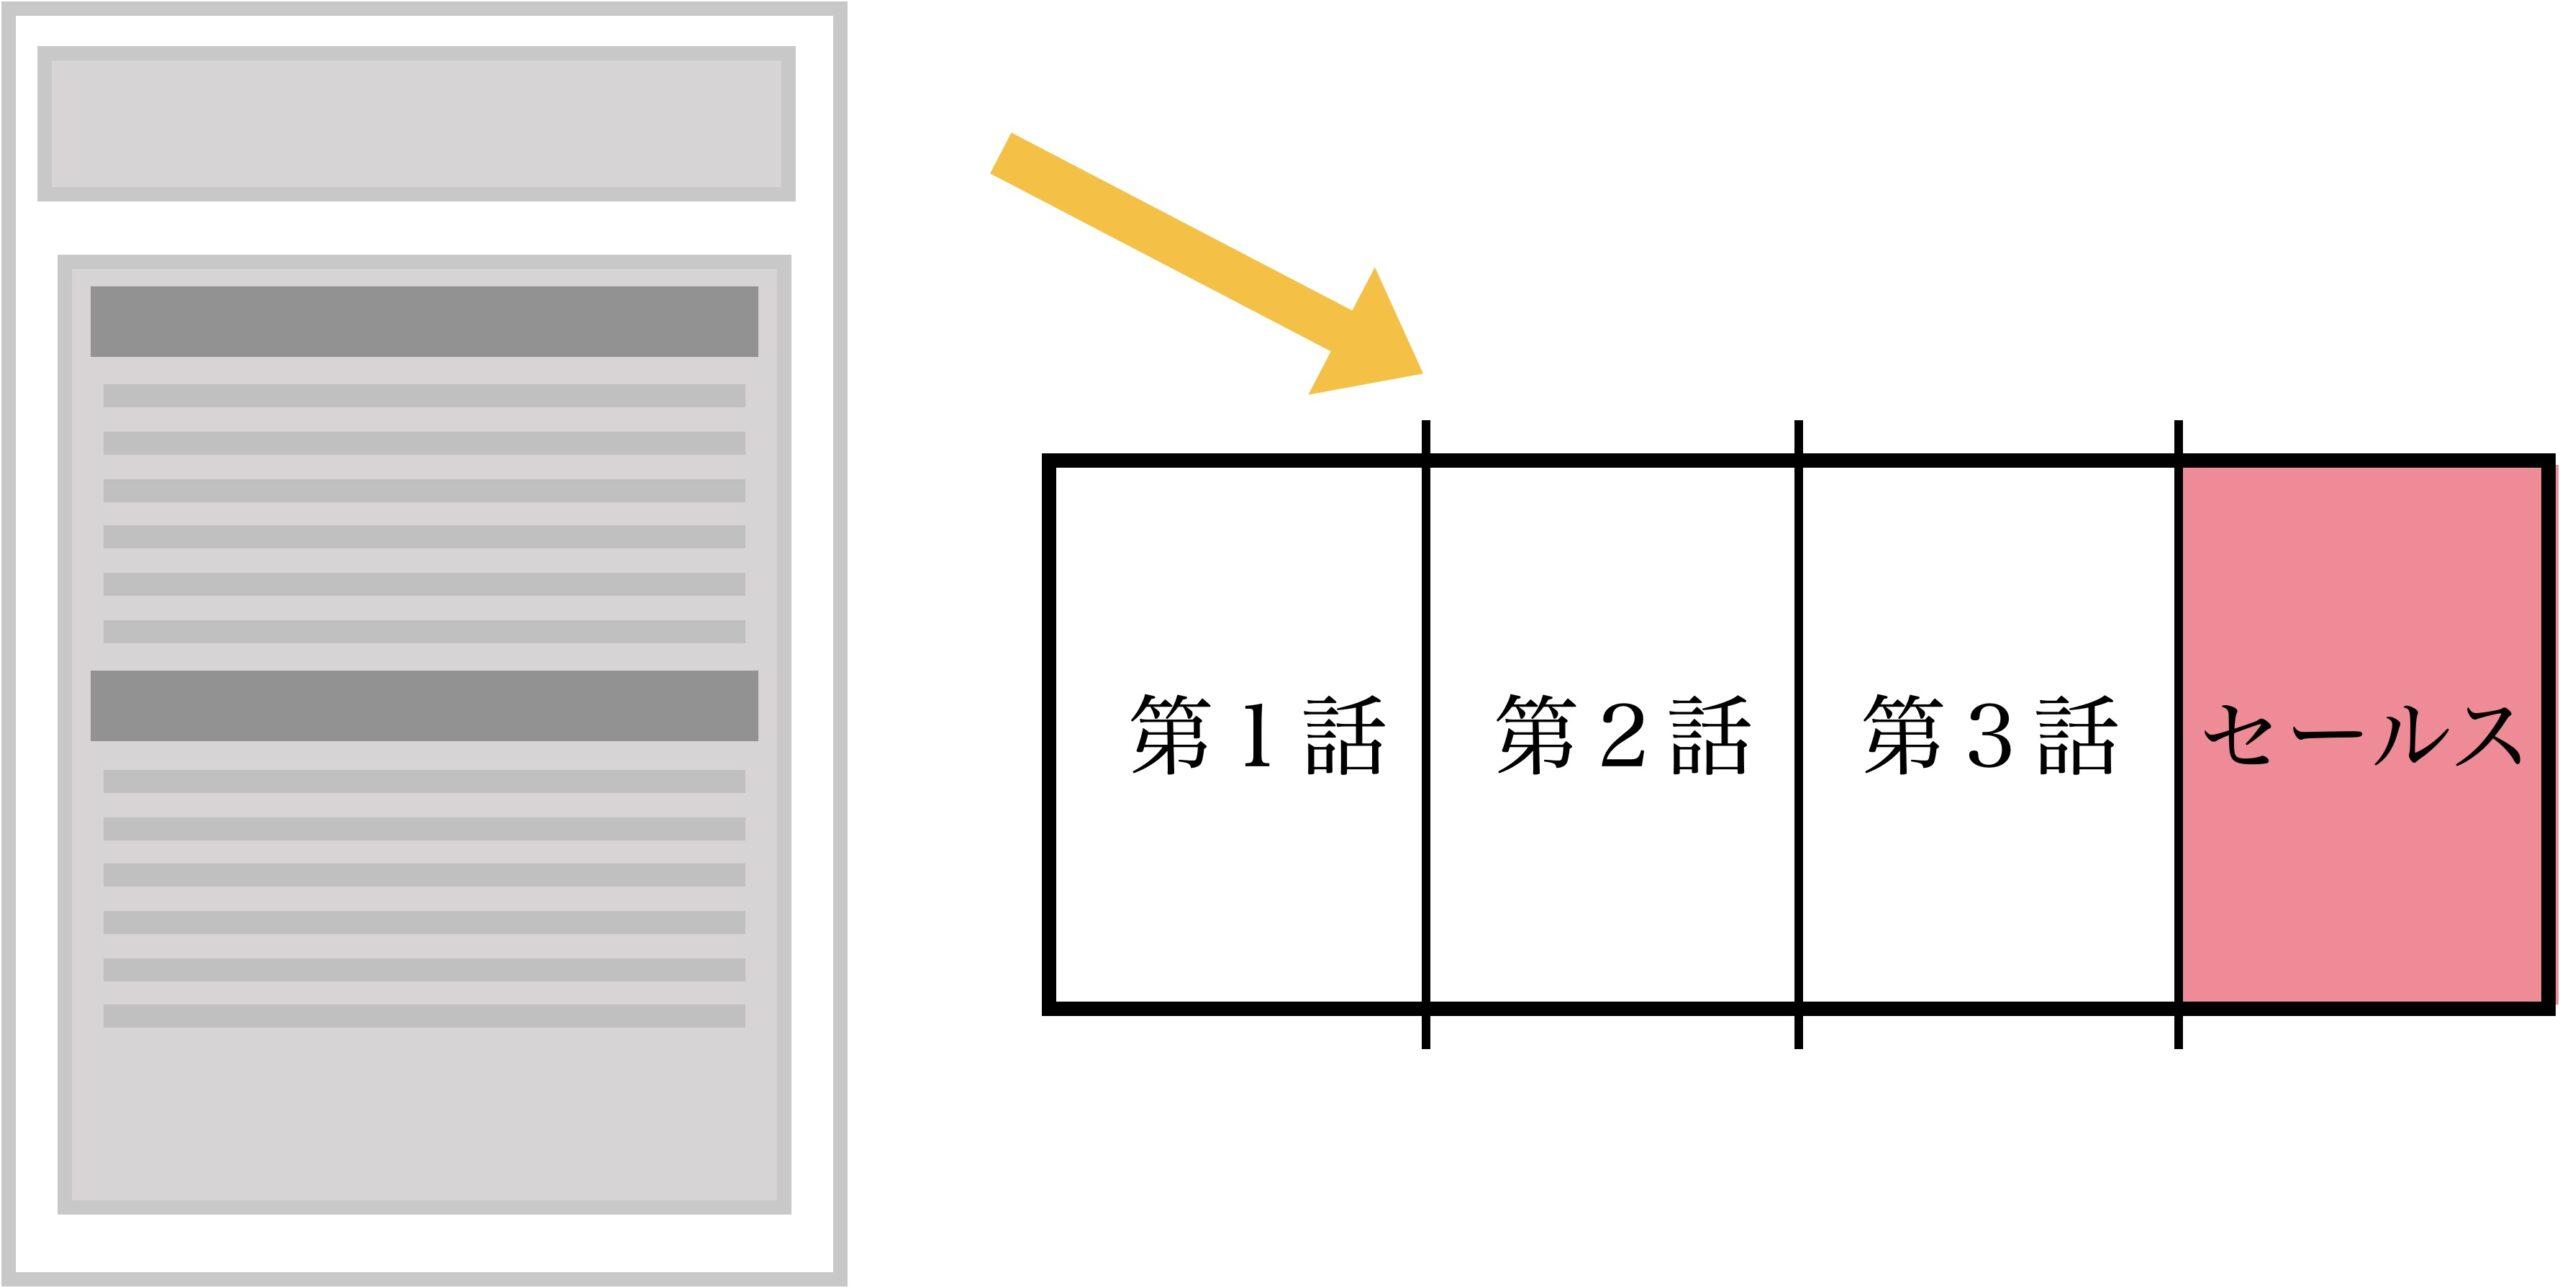 プロダクトローンチのセールスレター横に倒したバージョンの図